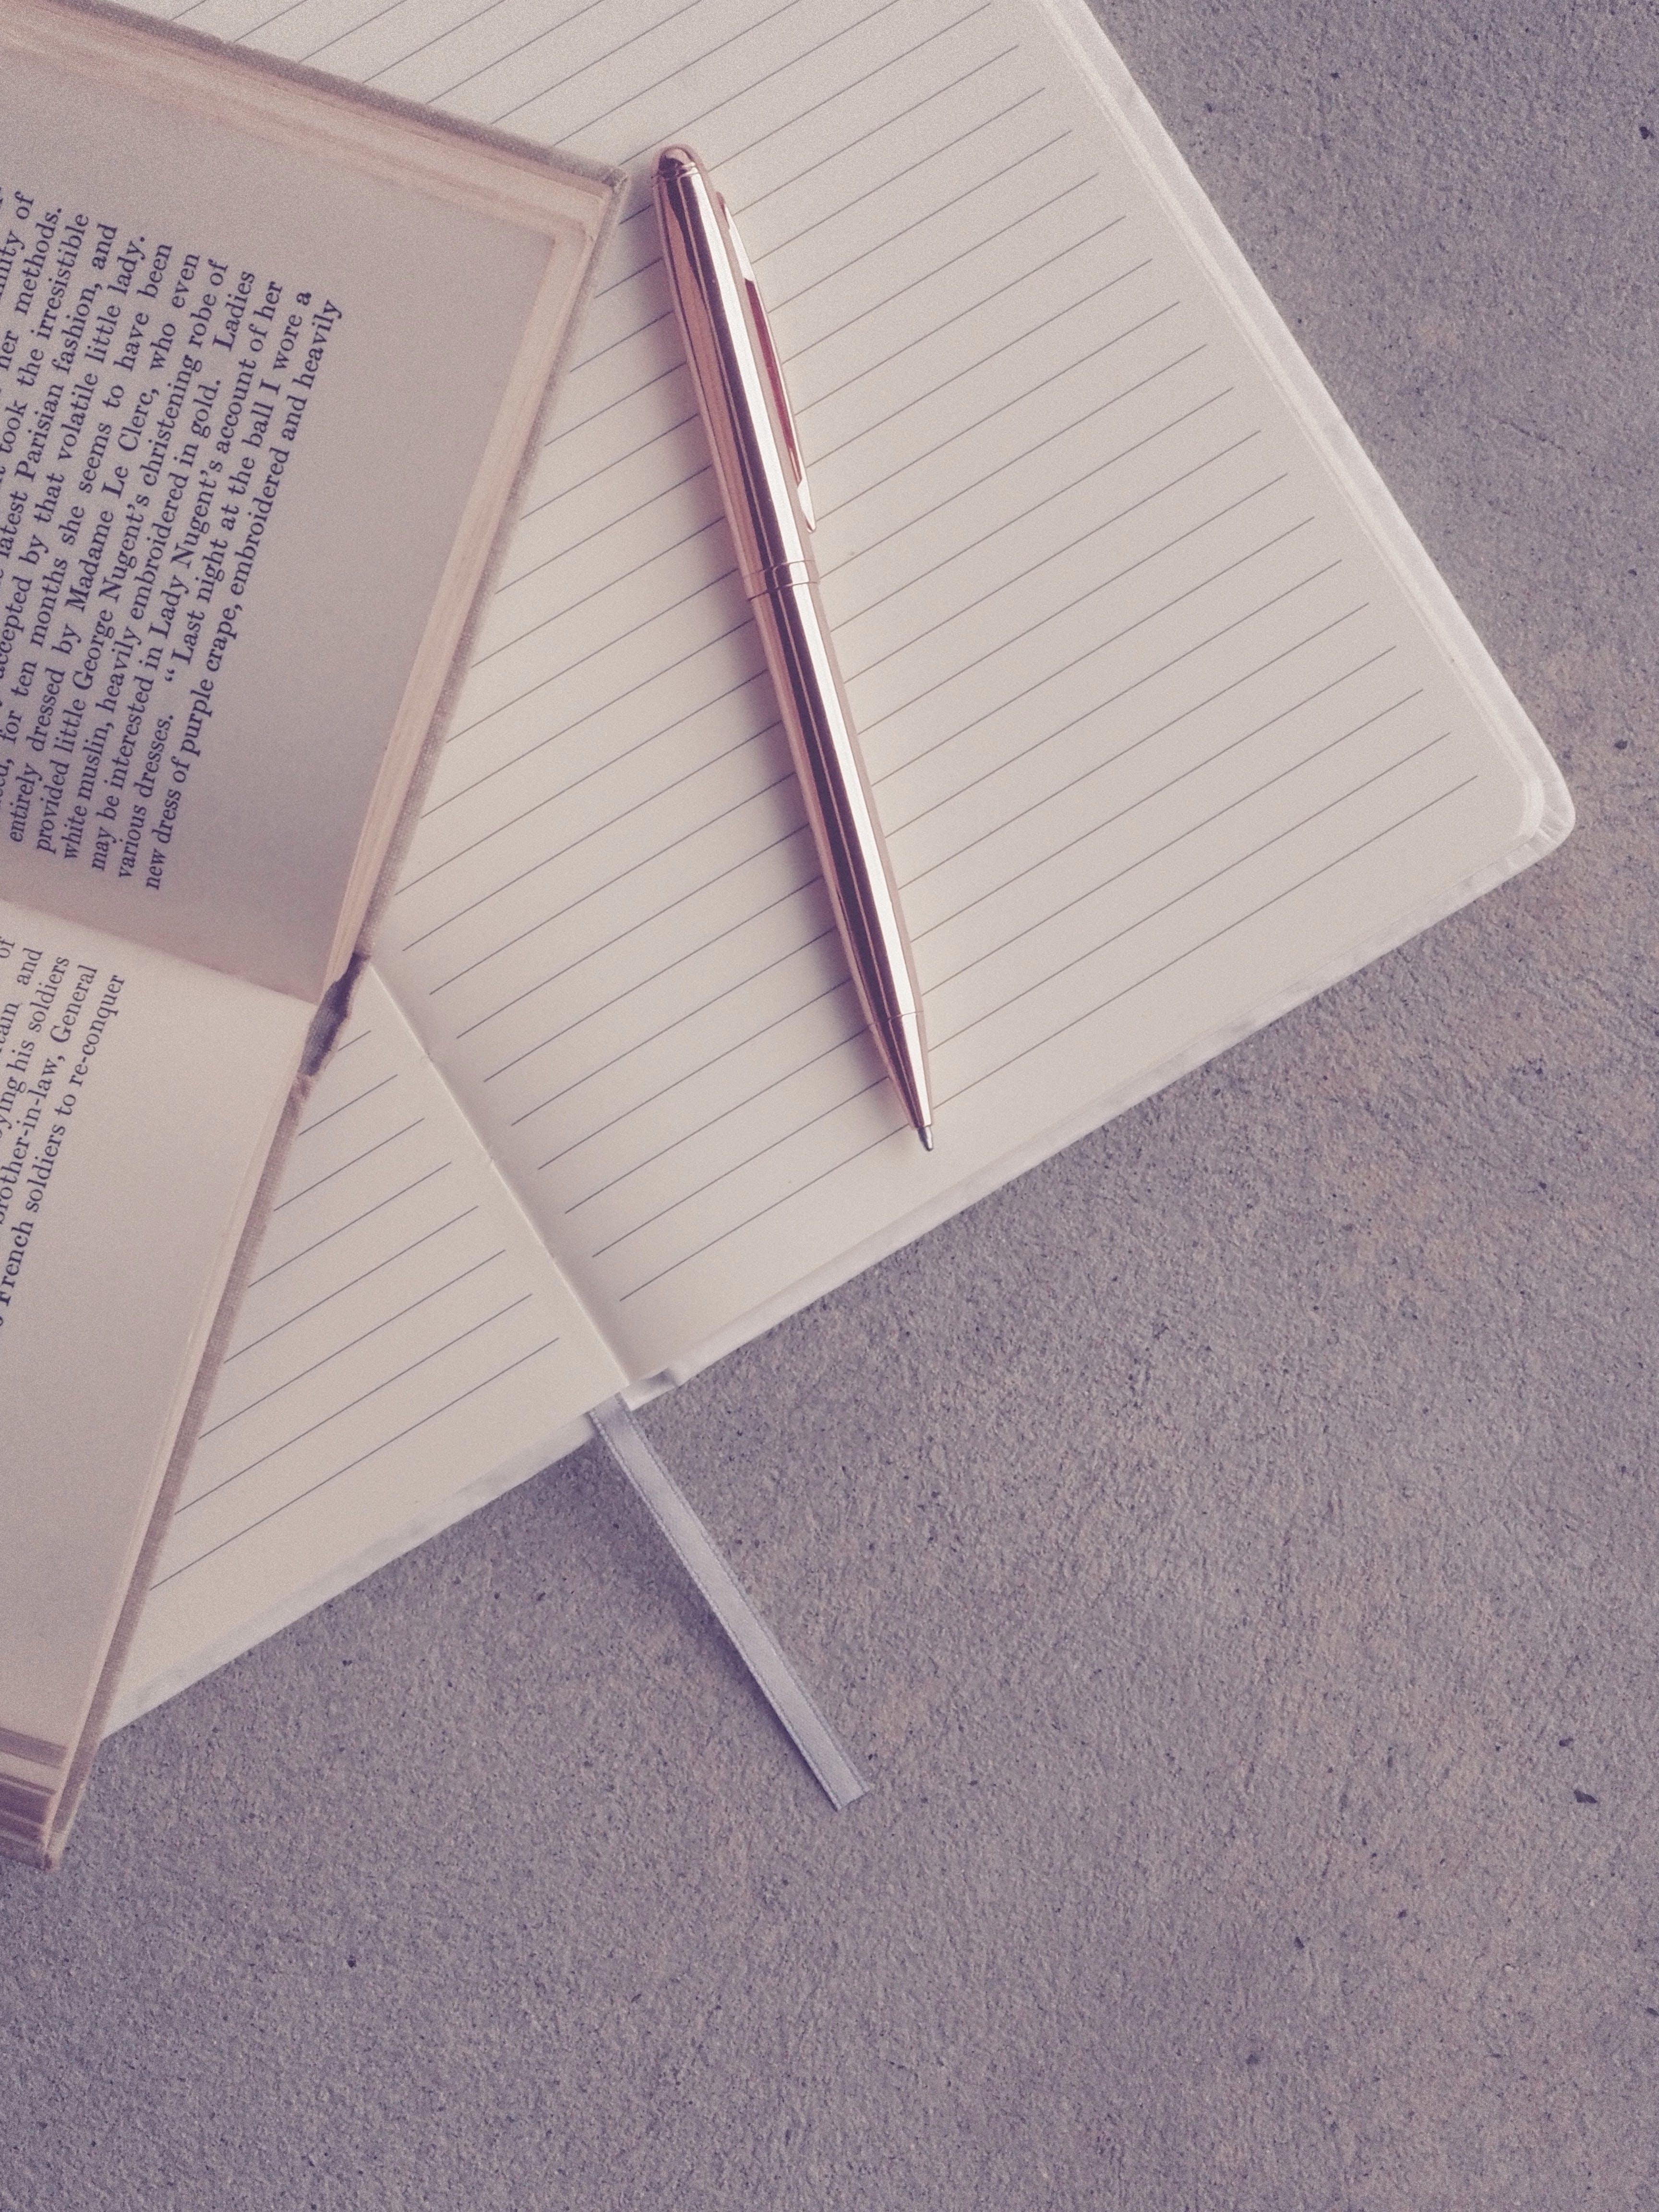 Ingyenes stockfotó jegyzetfüzet, makett, oldalak, sík témában